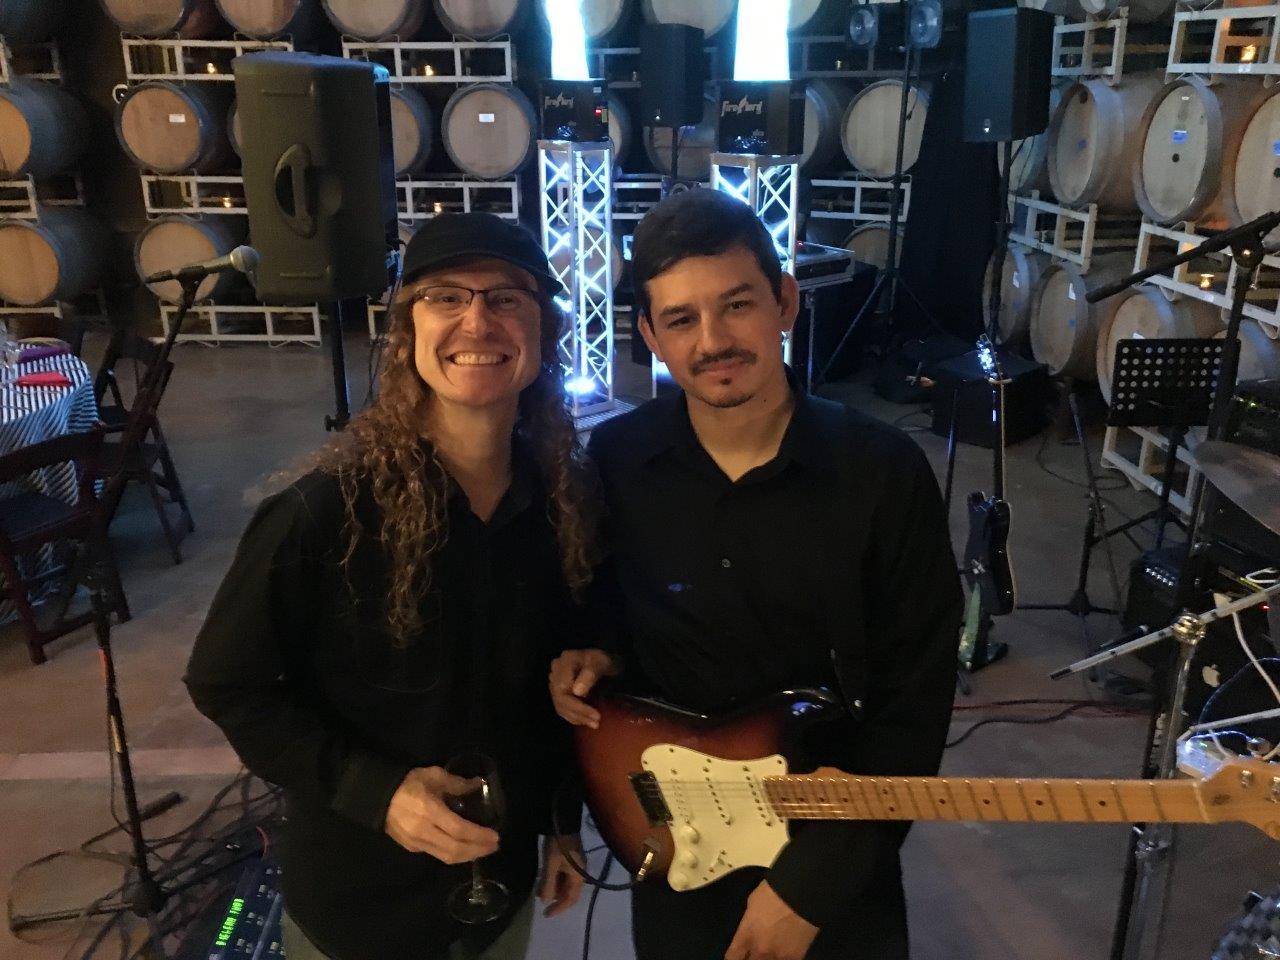 David and Matt!